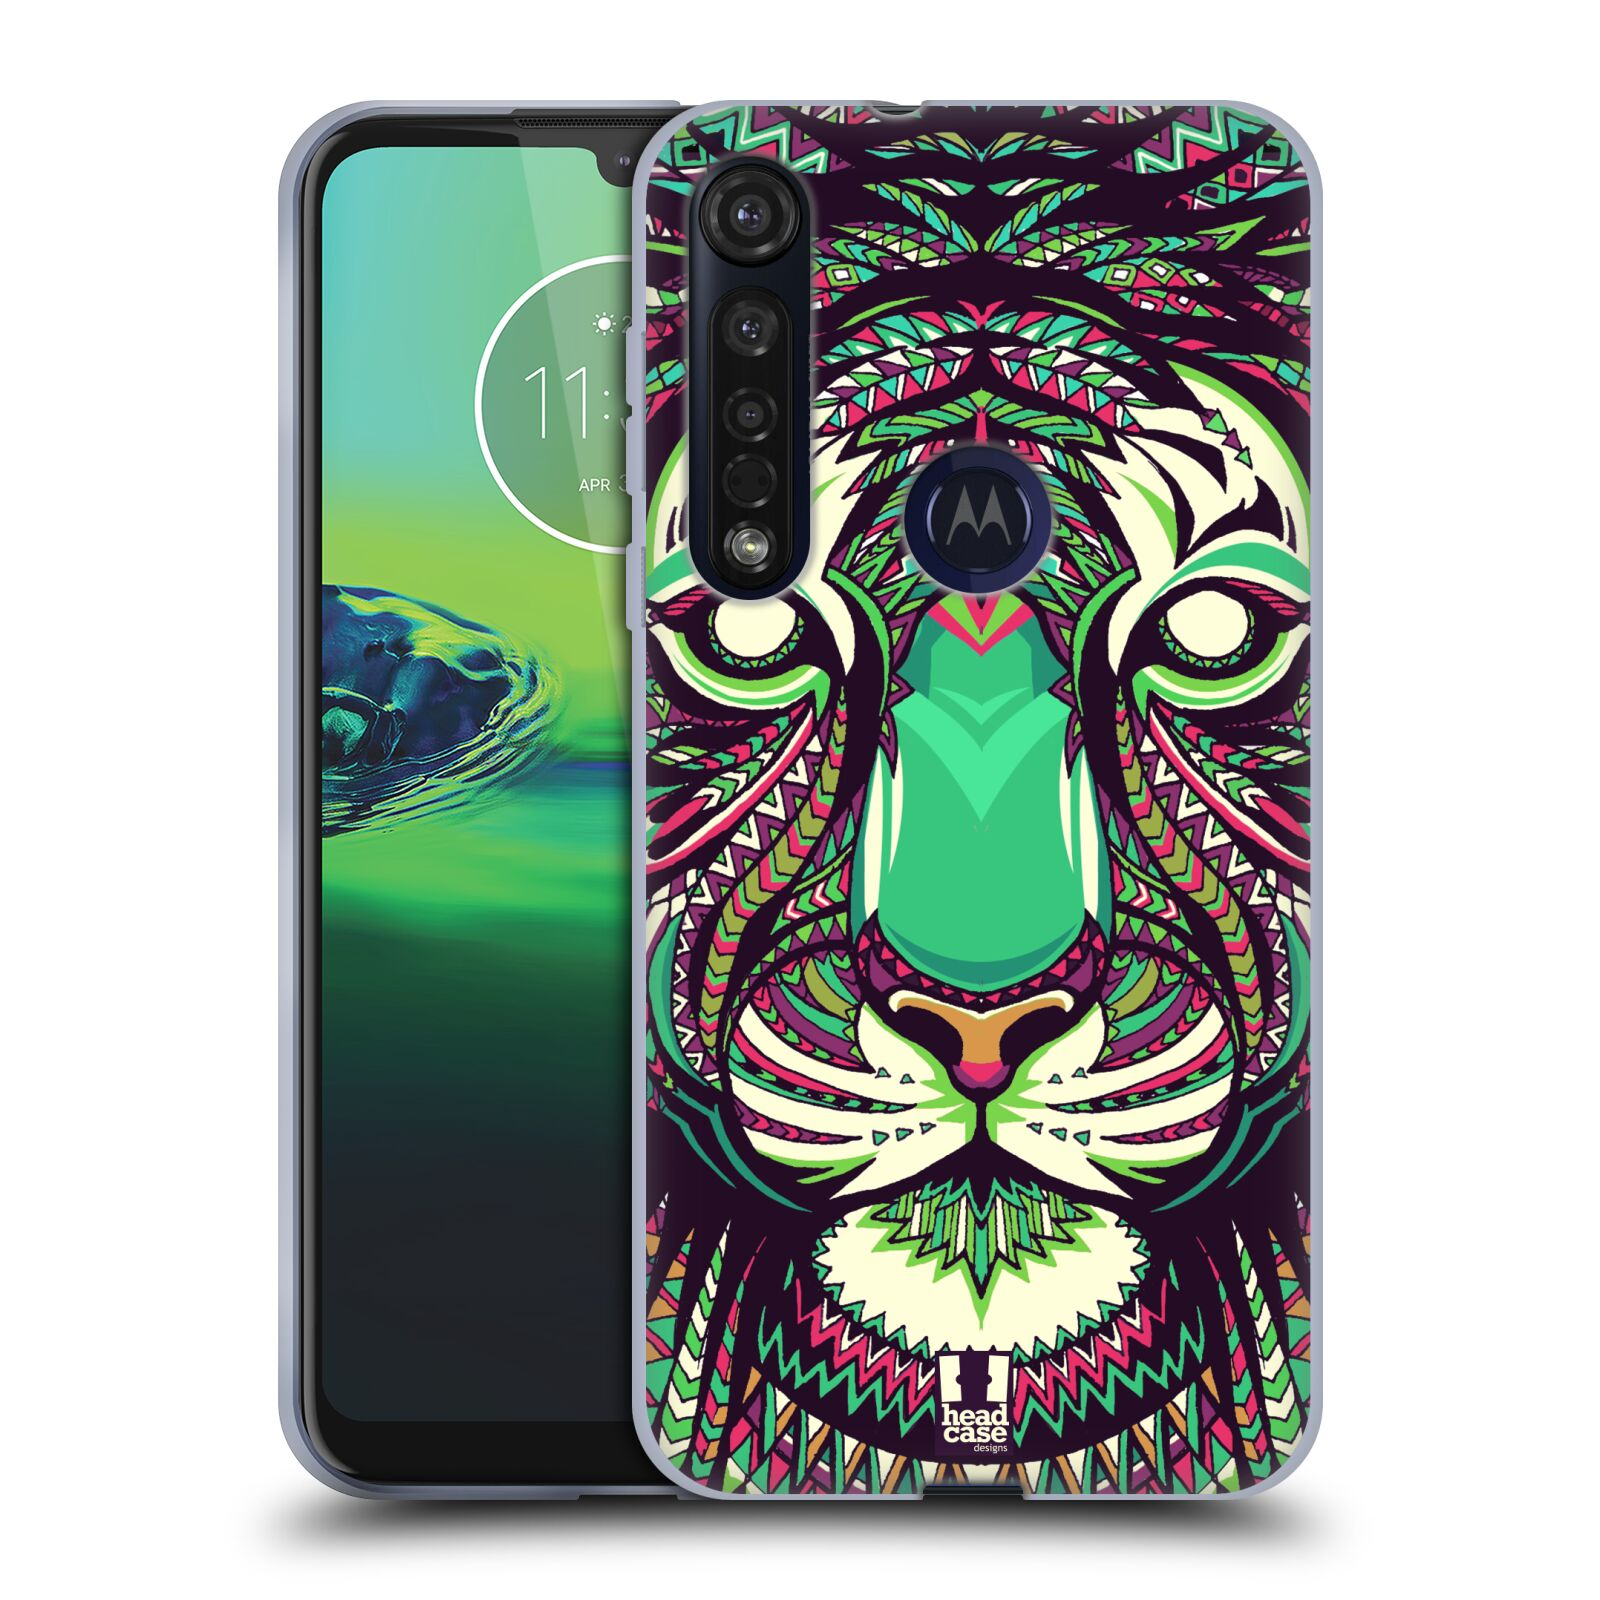 Silikonové pouzdro na mobil Motorola Moto G8 Plus - Head Case - AZTEC TYGR